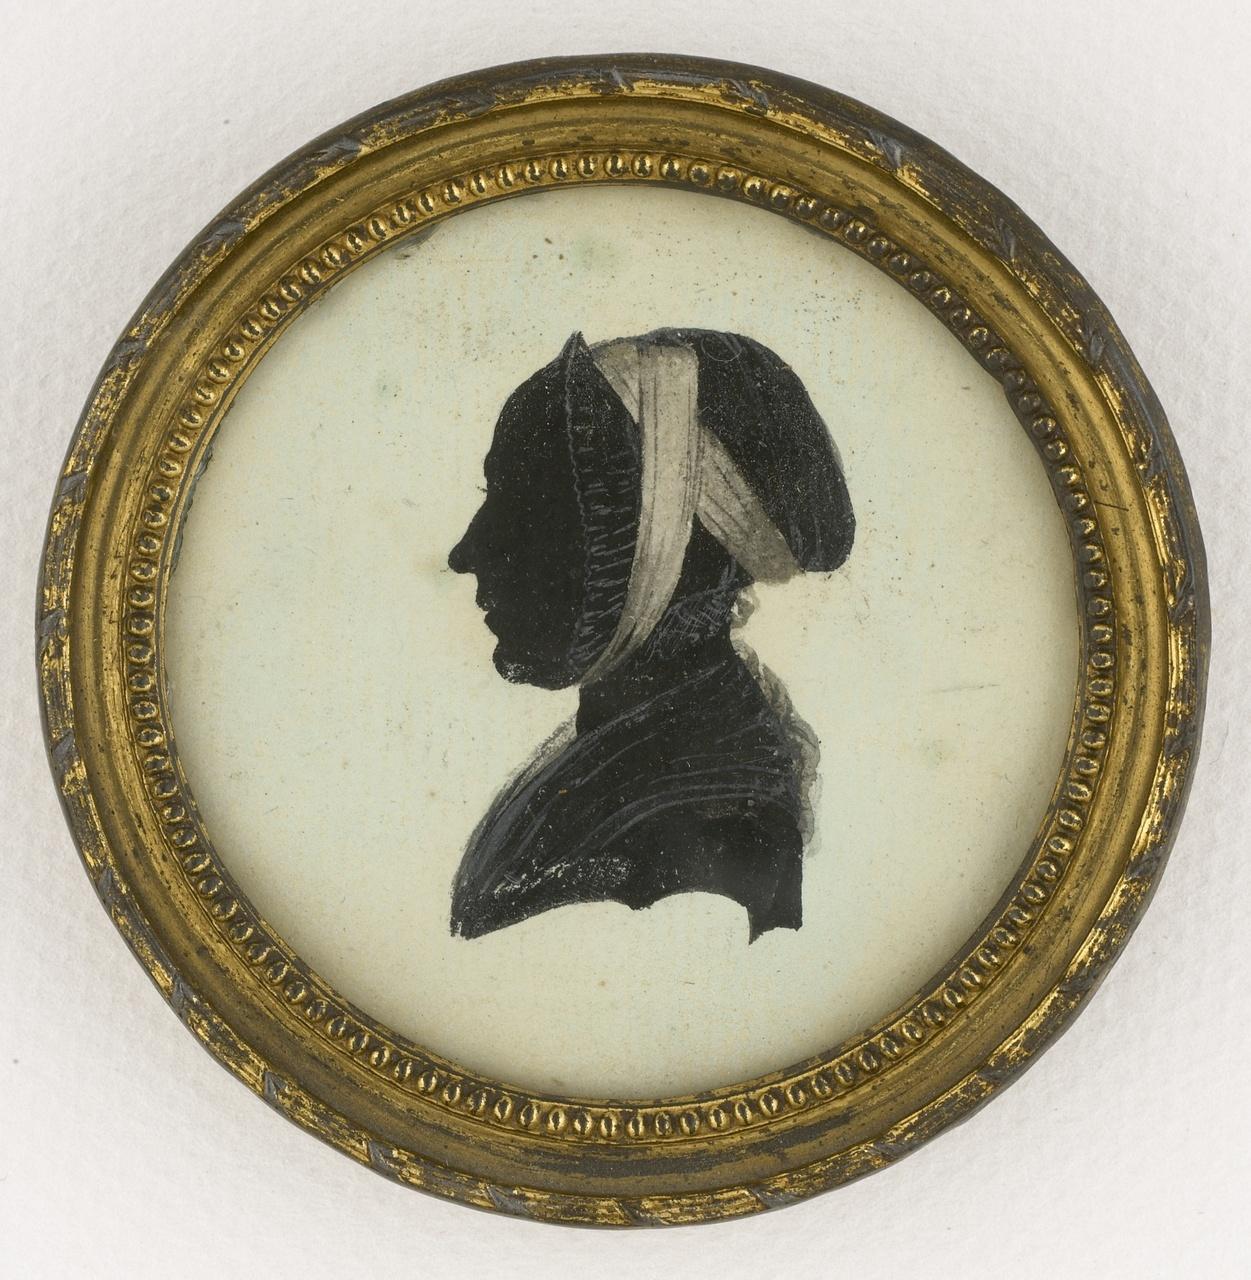 Miniatuur imitatieknipsel met portret en profil van J.C. Geene.